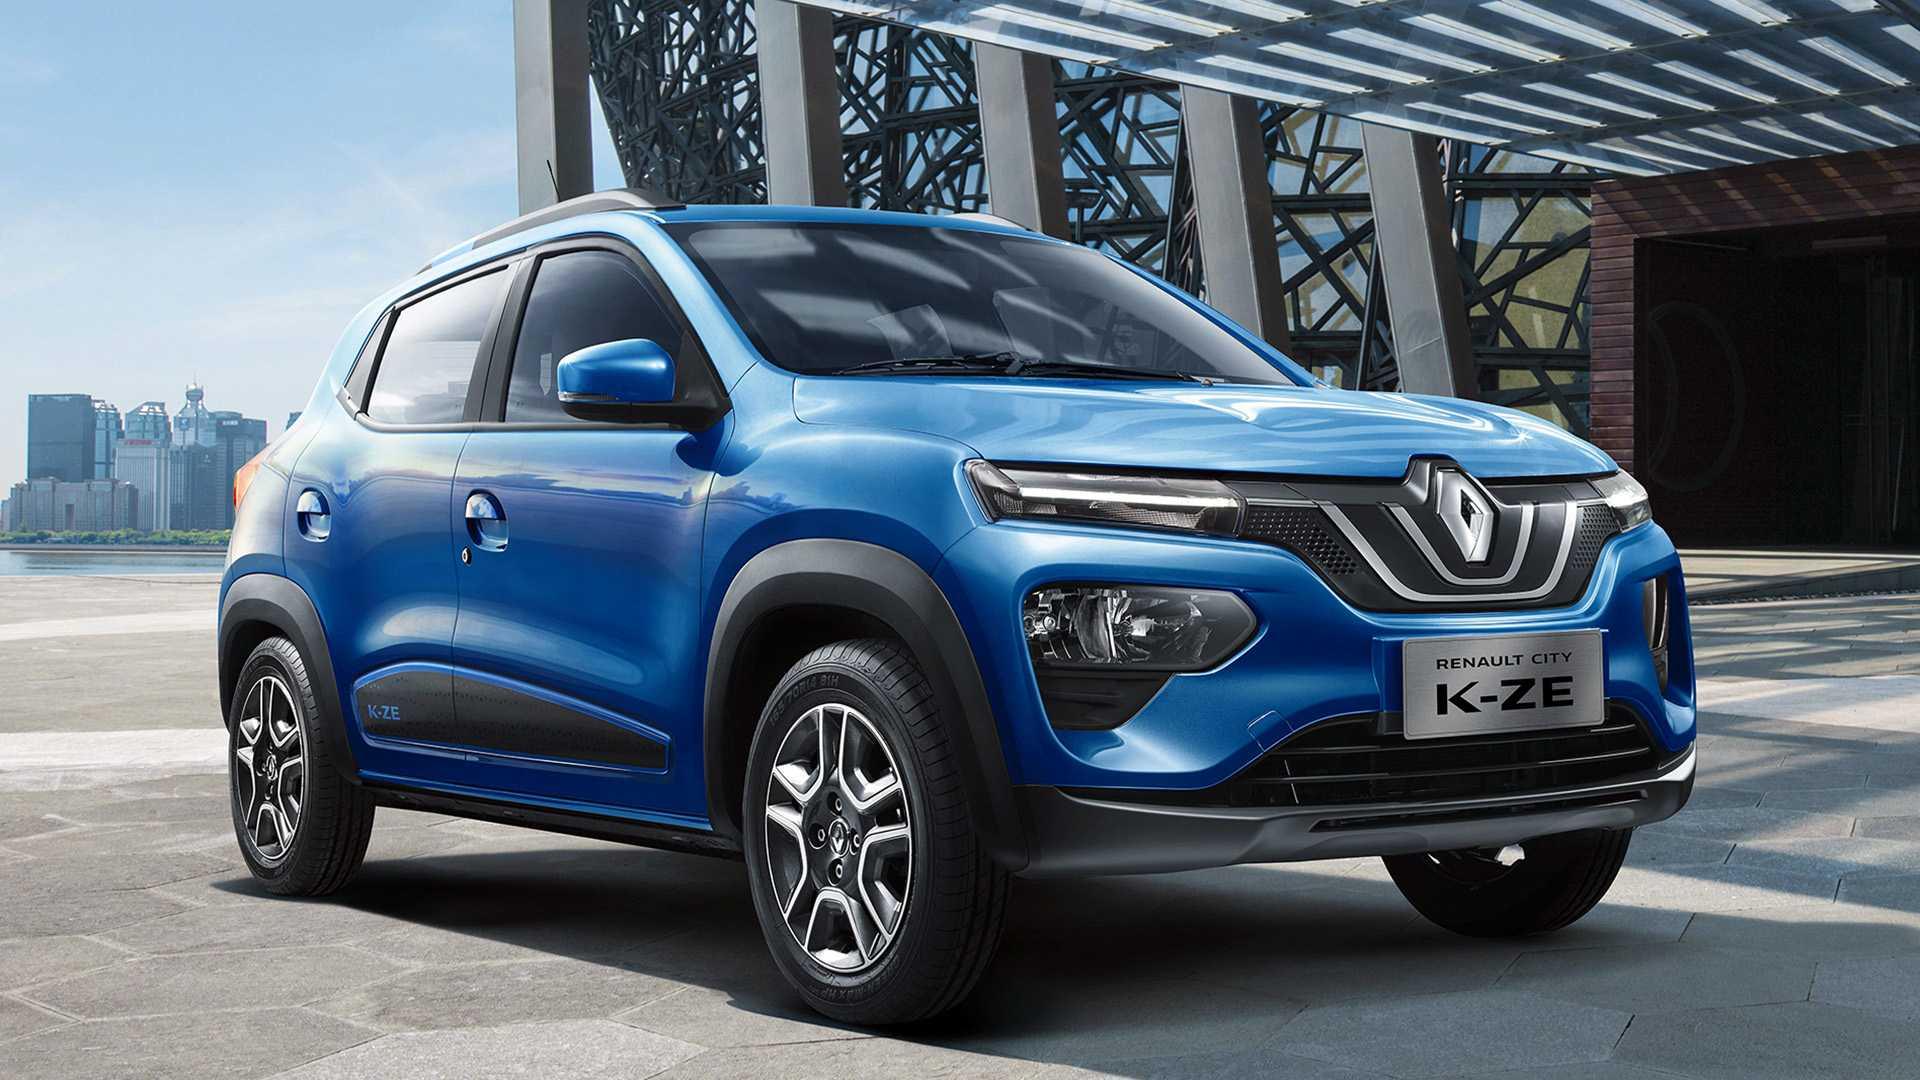 2019 Renault City K Ze